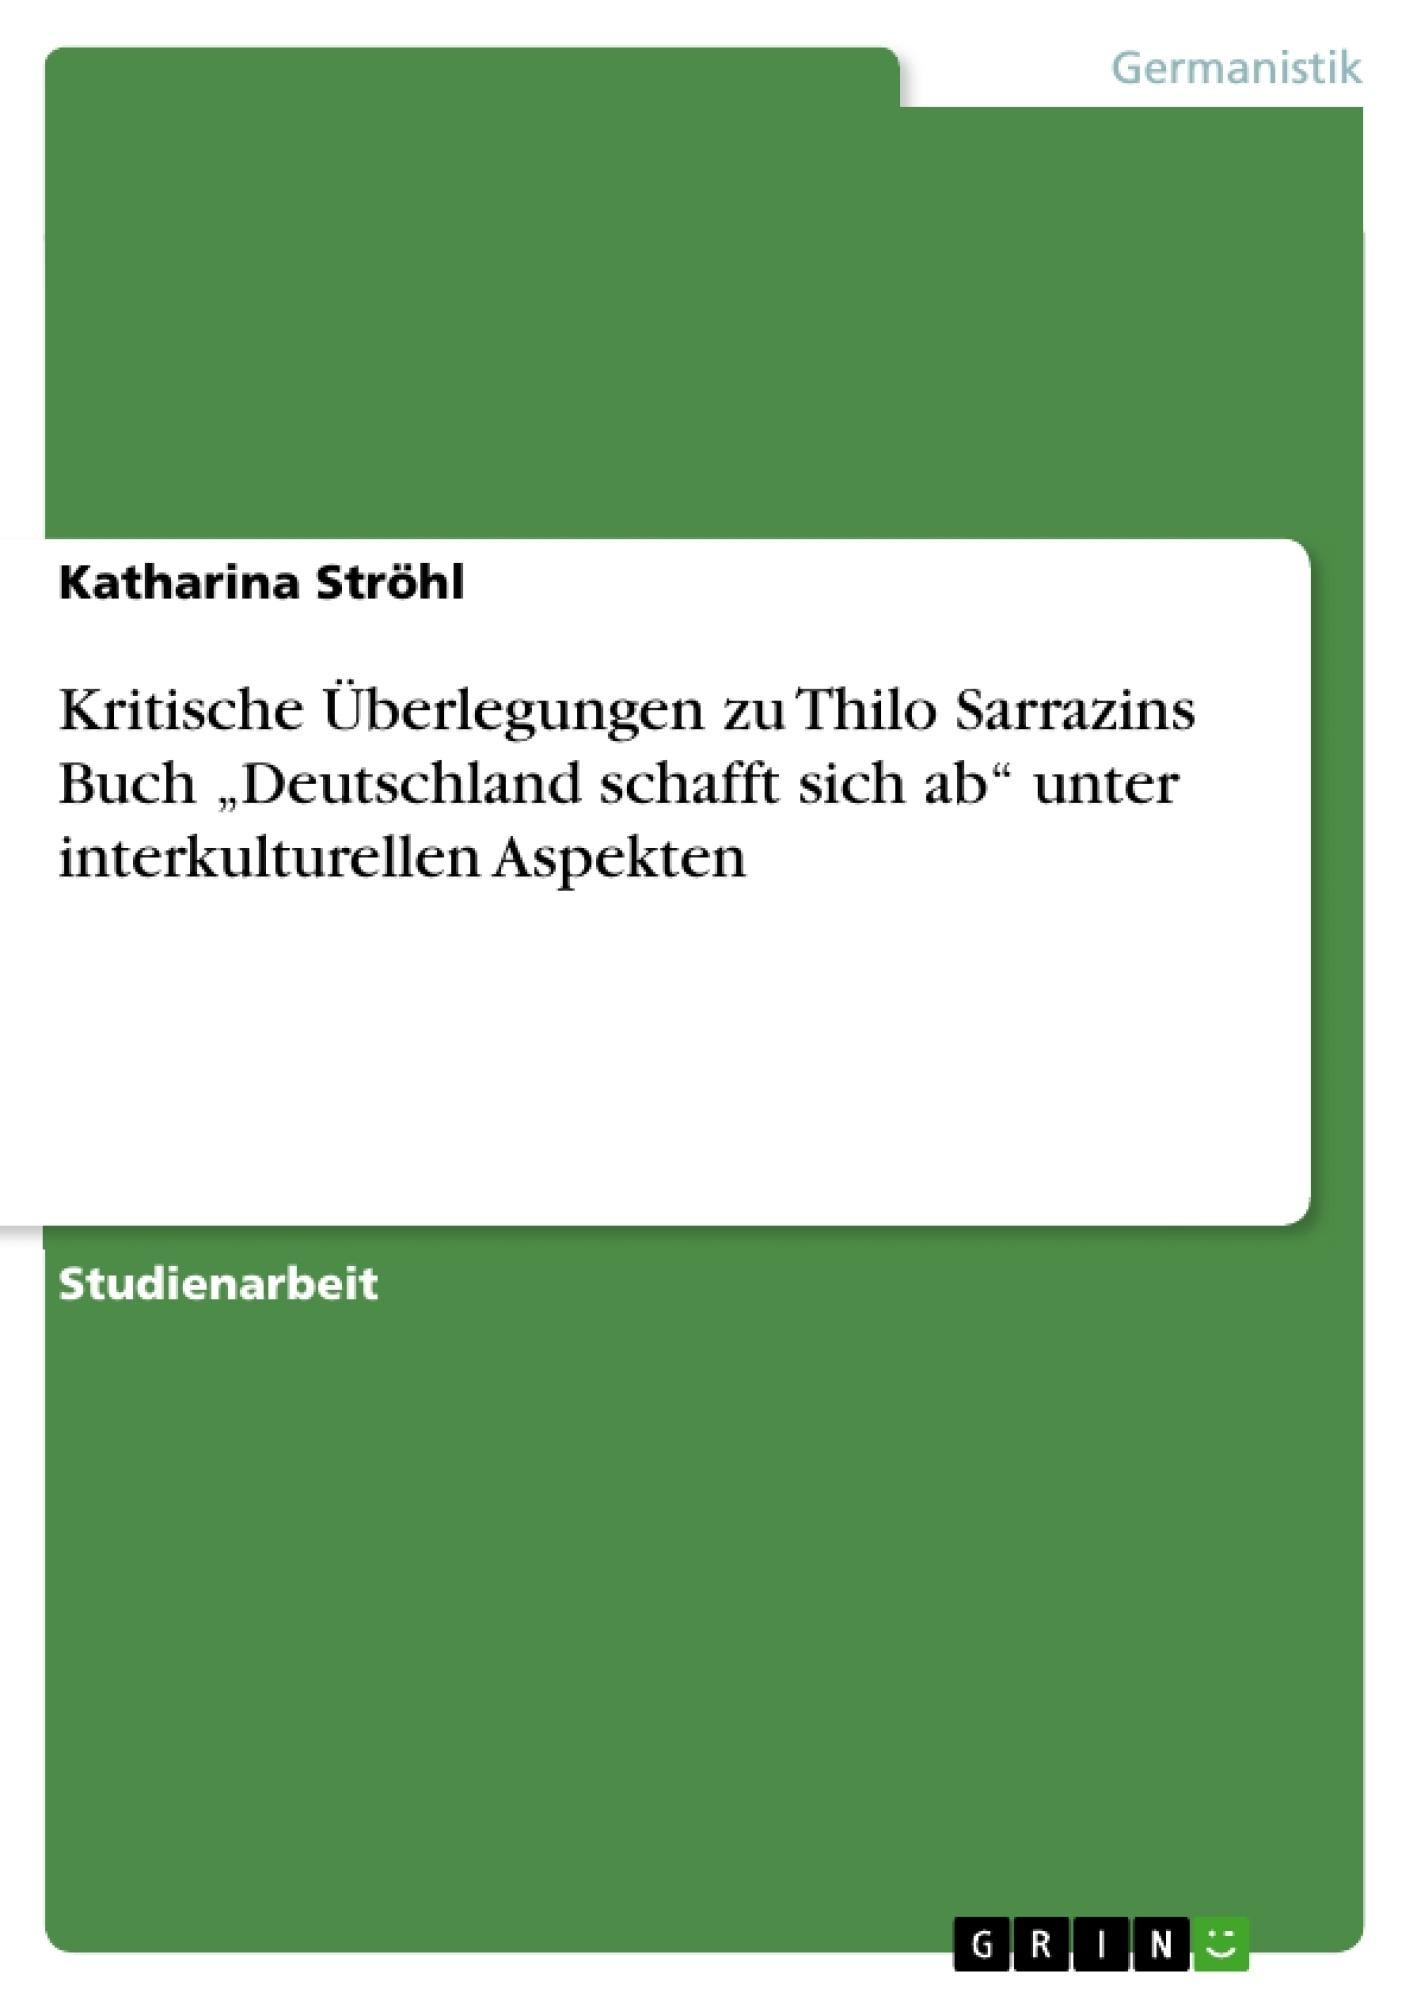 """Titel: Kritische Überlegungen zu      Thilo Sarrazins Buch """"Deutschland schafft sich ab"""" unter interkulturellen Aspekten"""